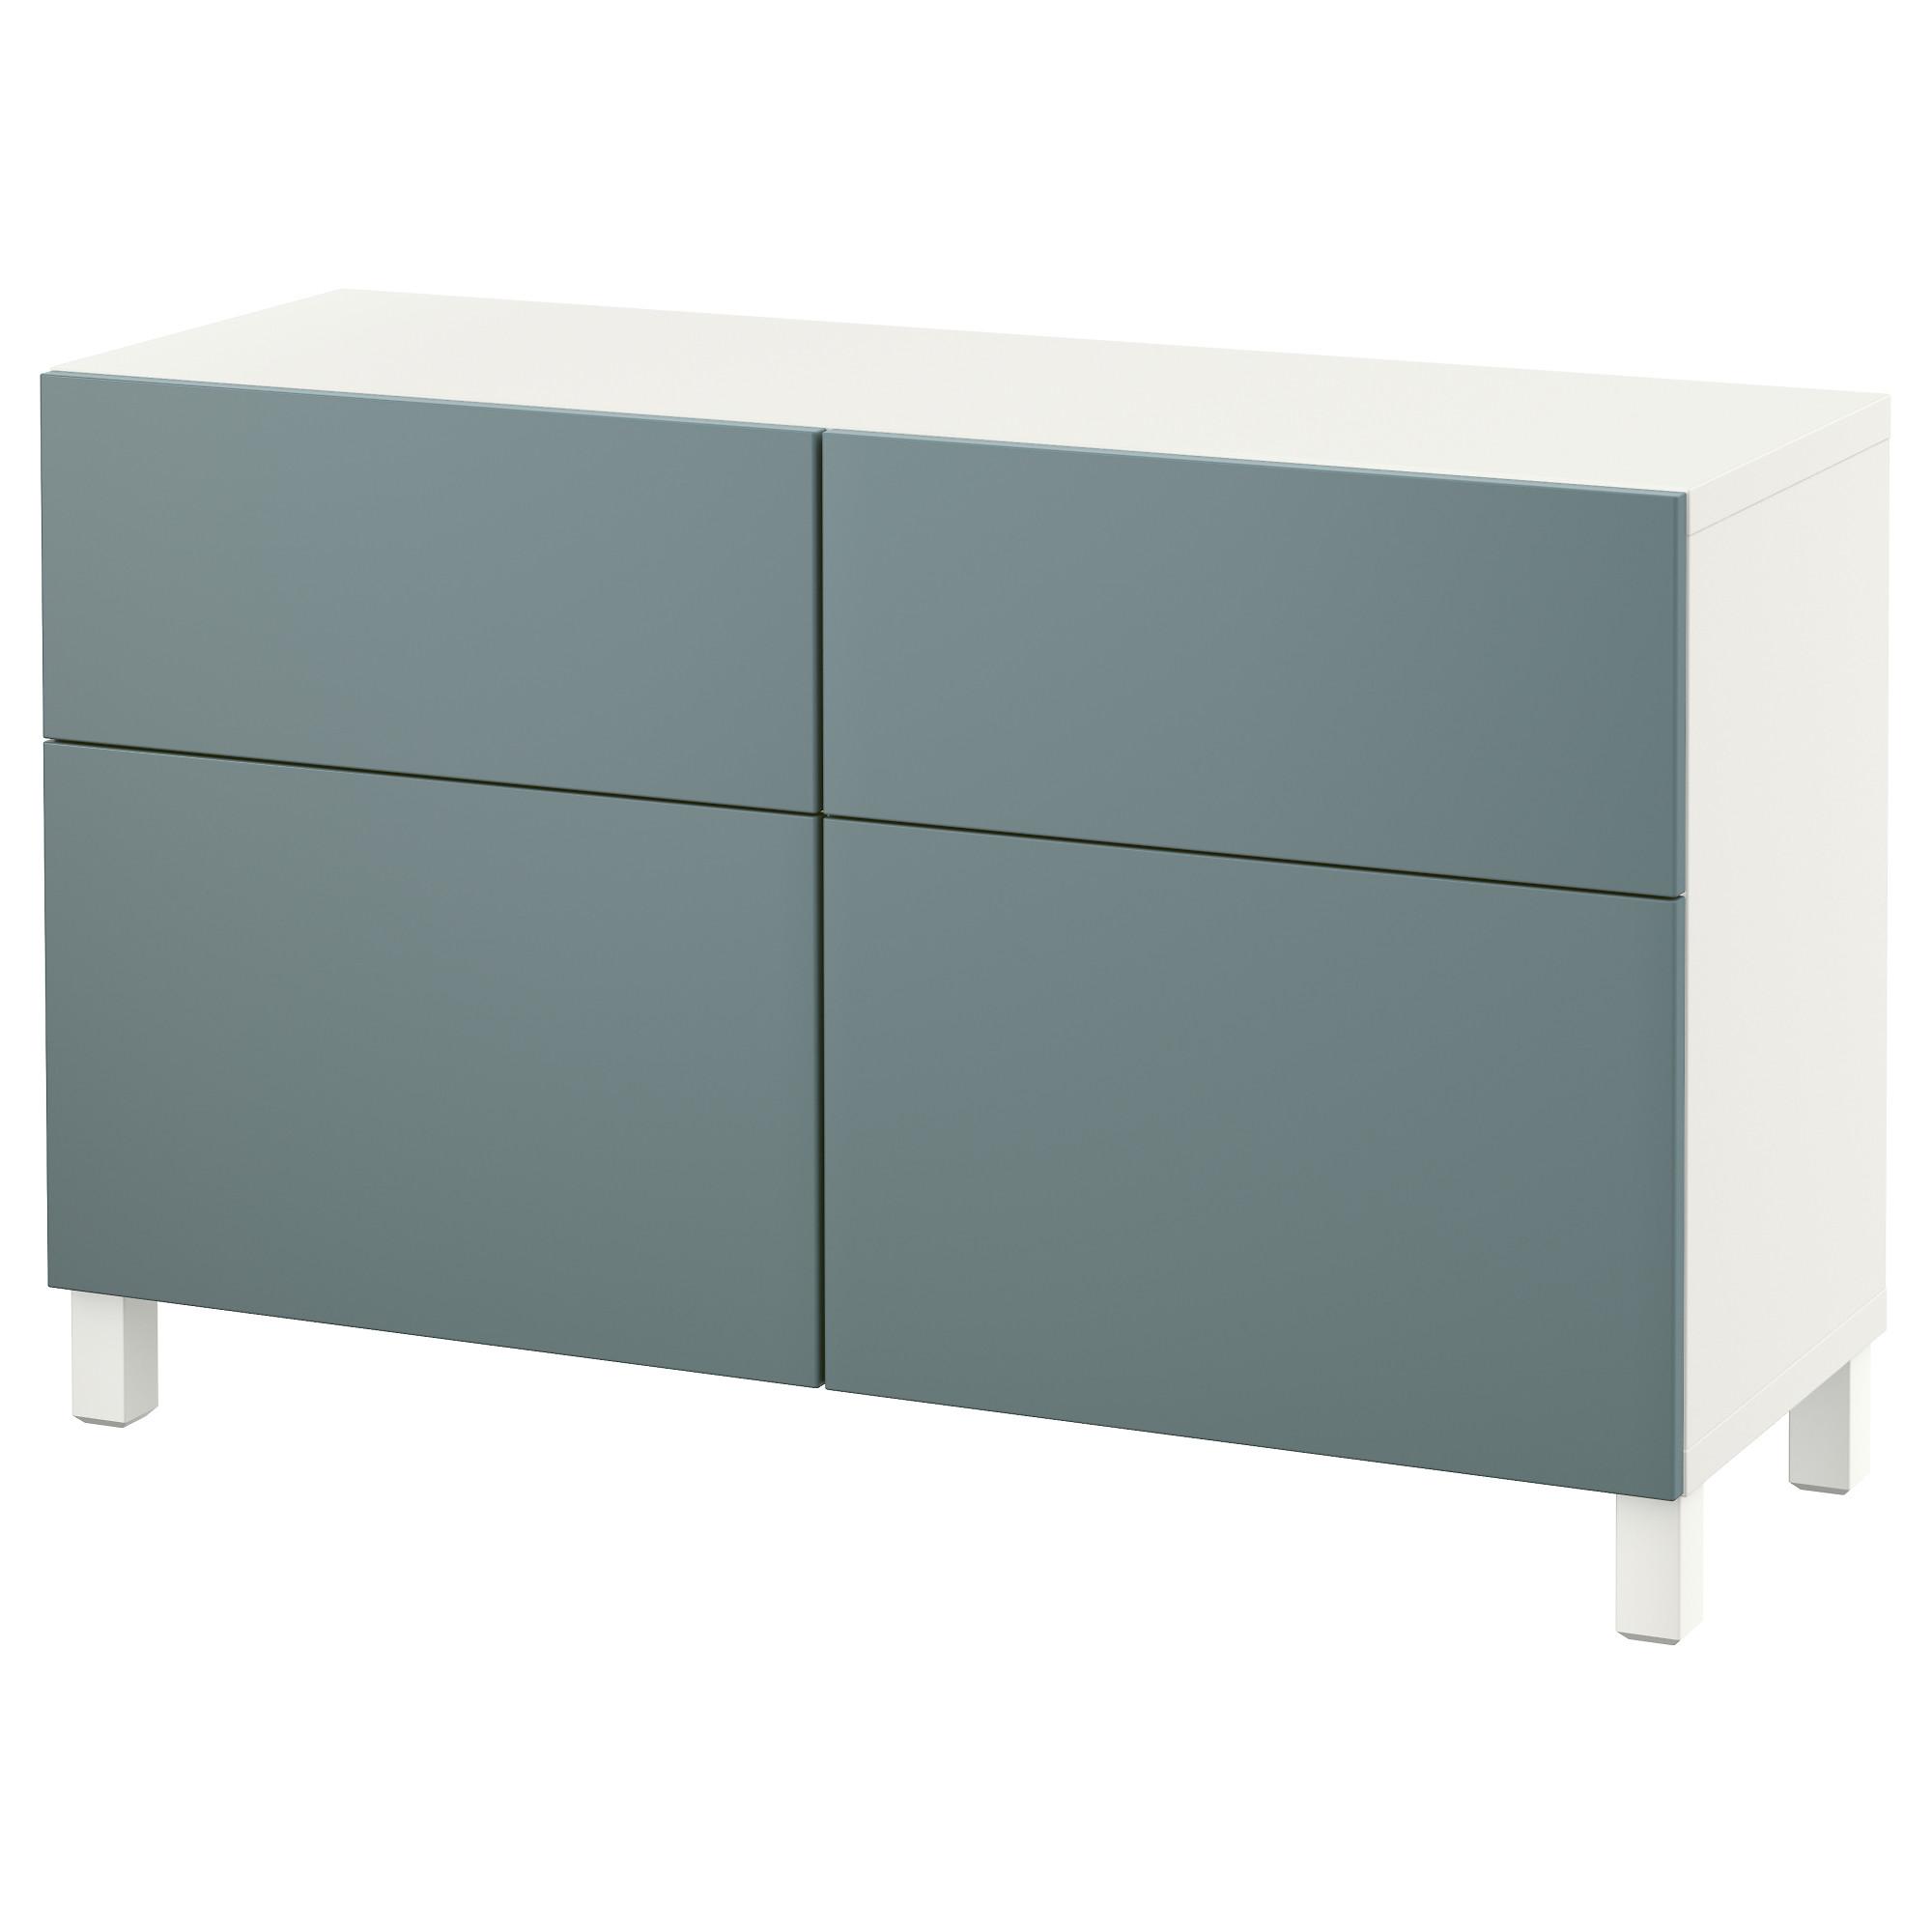 Комбинация для хранения с дверцами, ящиками БЕСТО, белый, Вальвикен серо-бирюзовый (120x40x74 см)